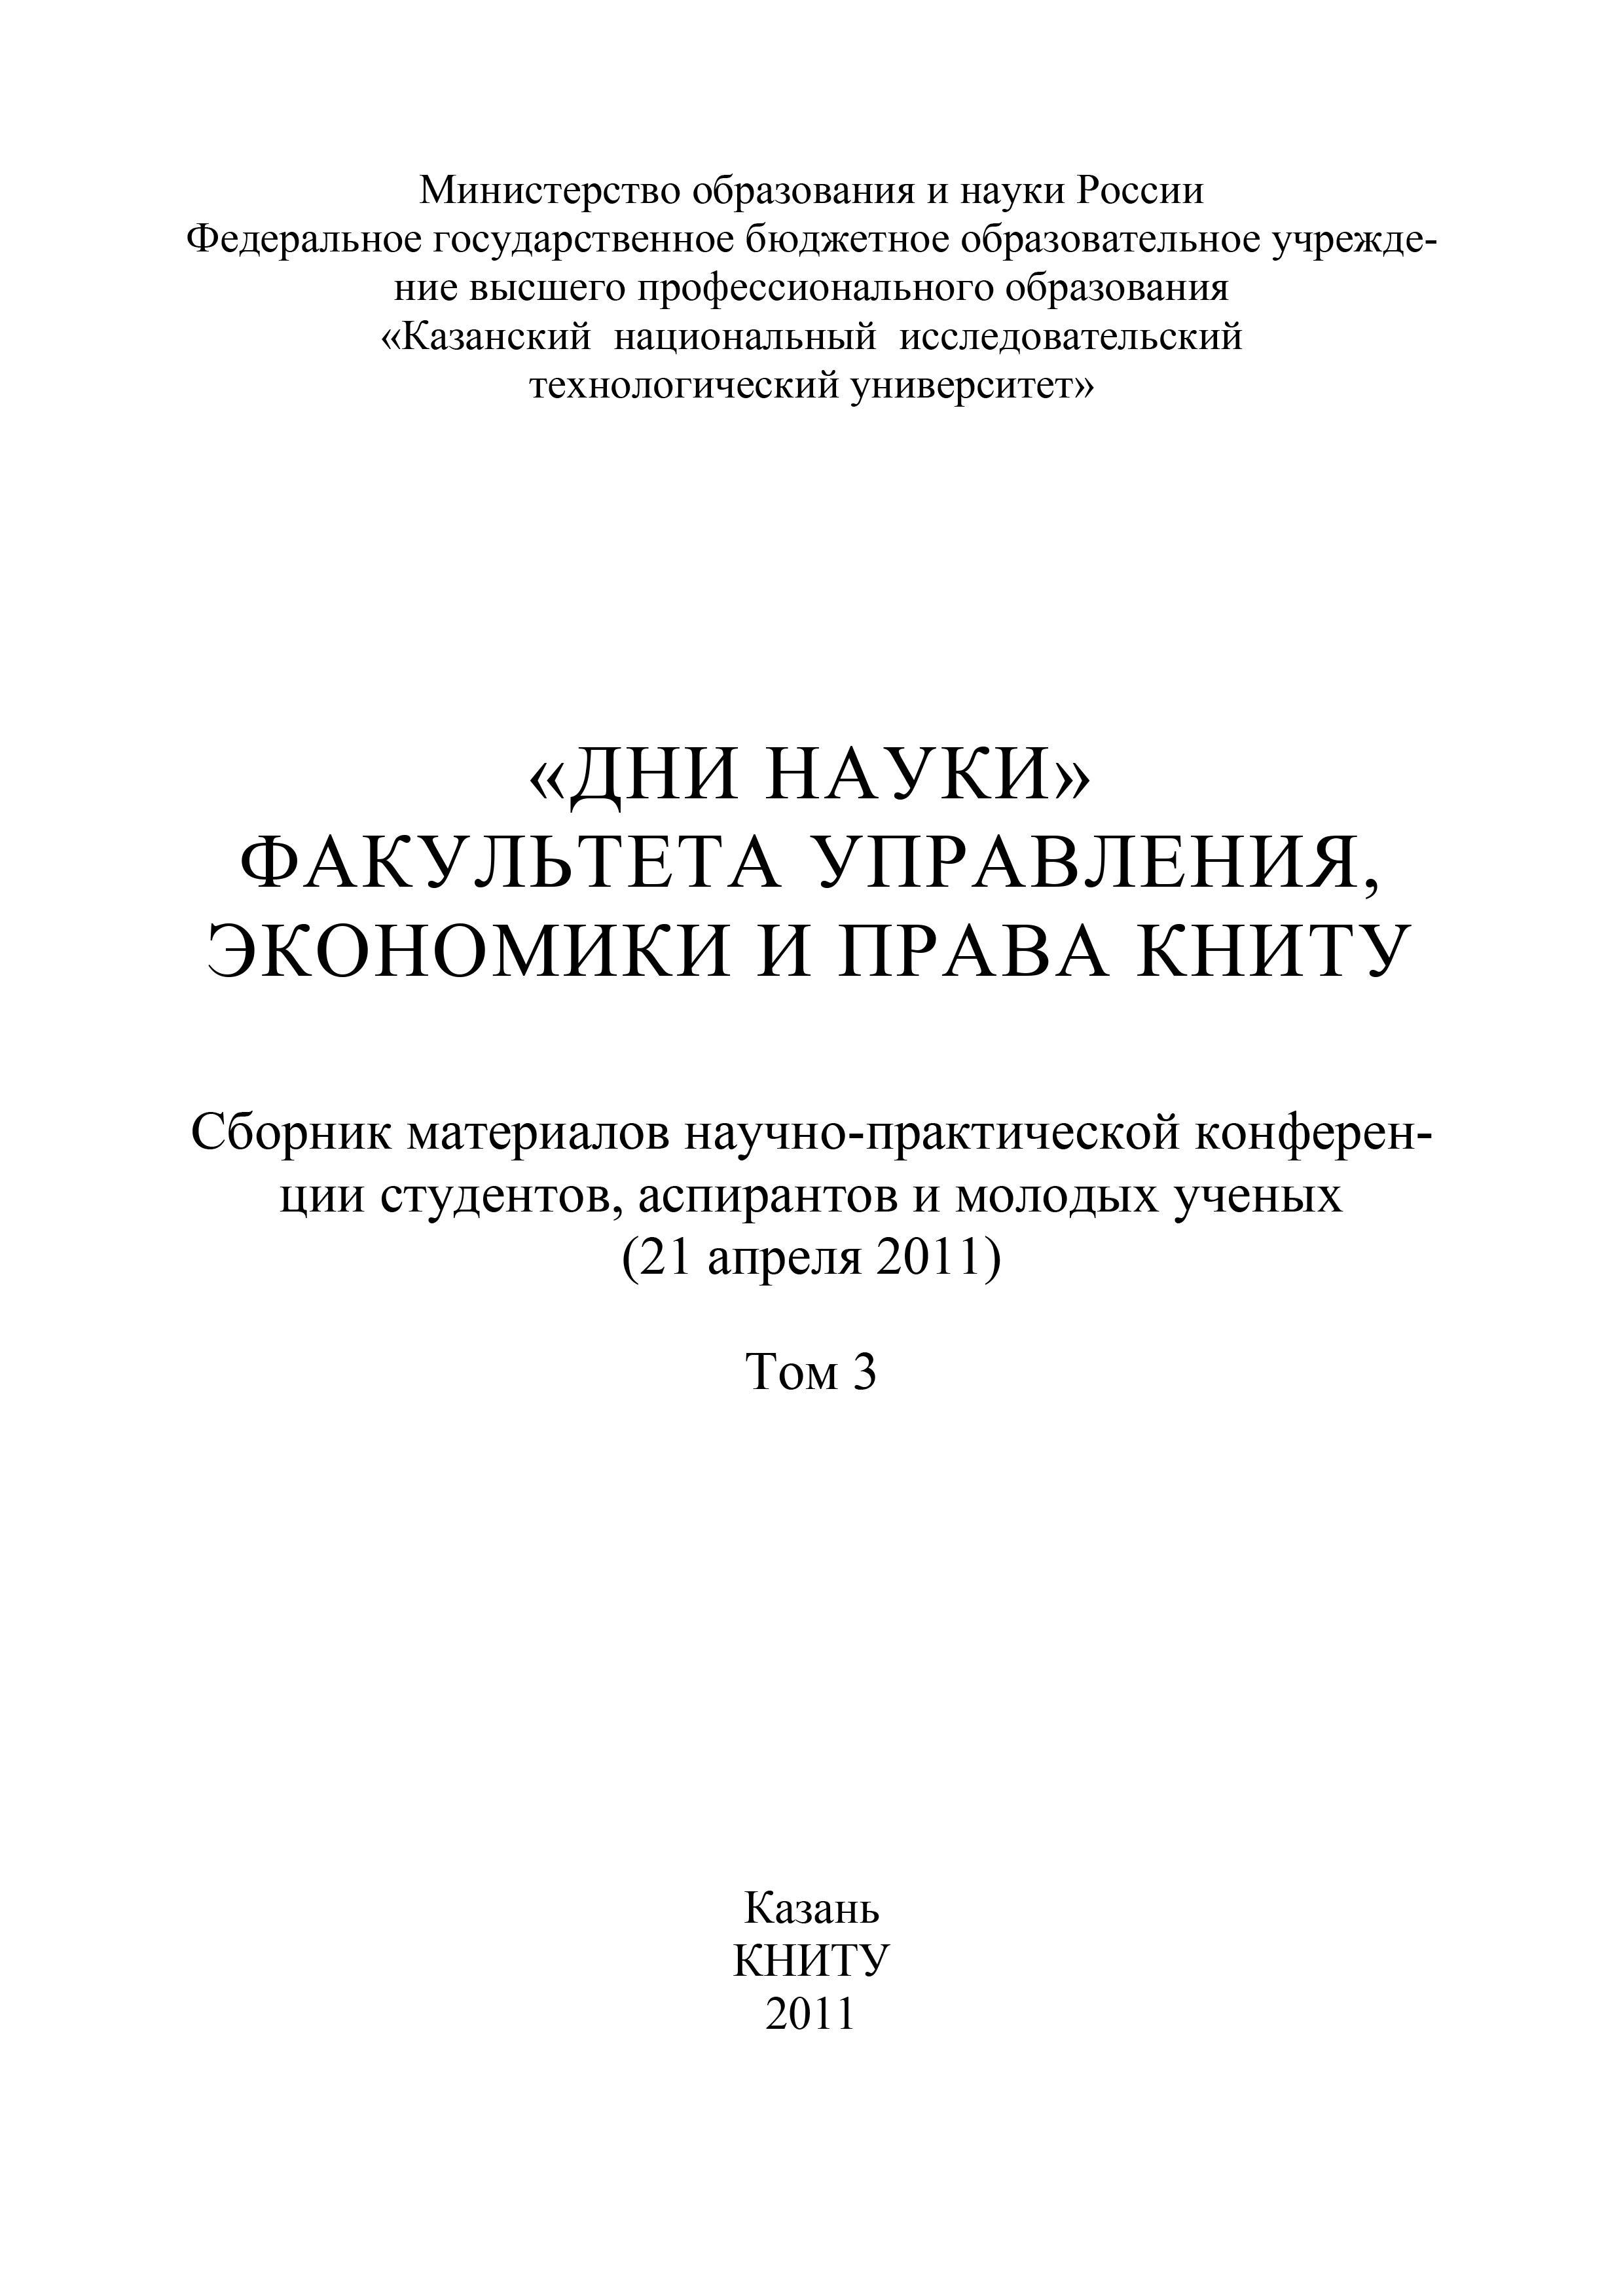 «Дни науки» факультета управления, экономики и права КНИТУ. В 3 т. Том 3